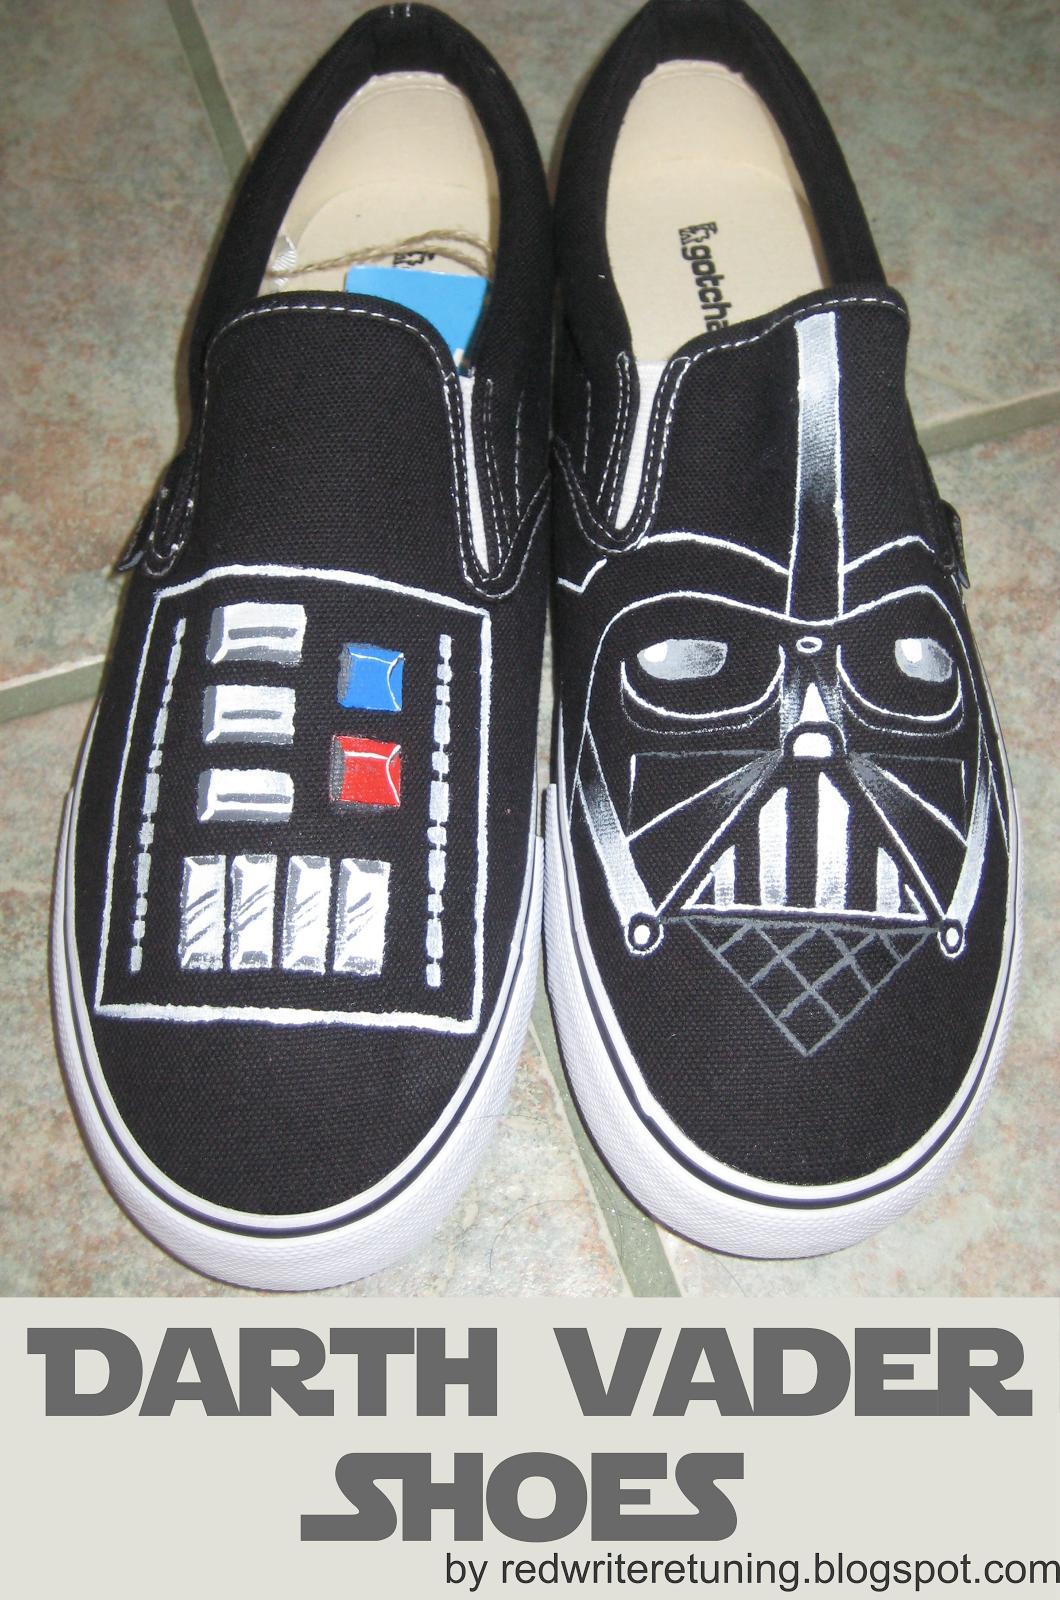 DIY Christmas Gifts: Darth Vader Shoes | Skor, Pyssel